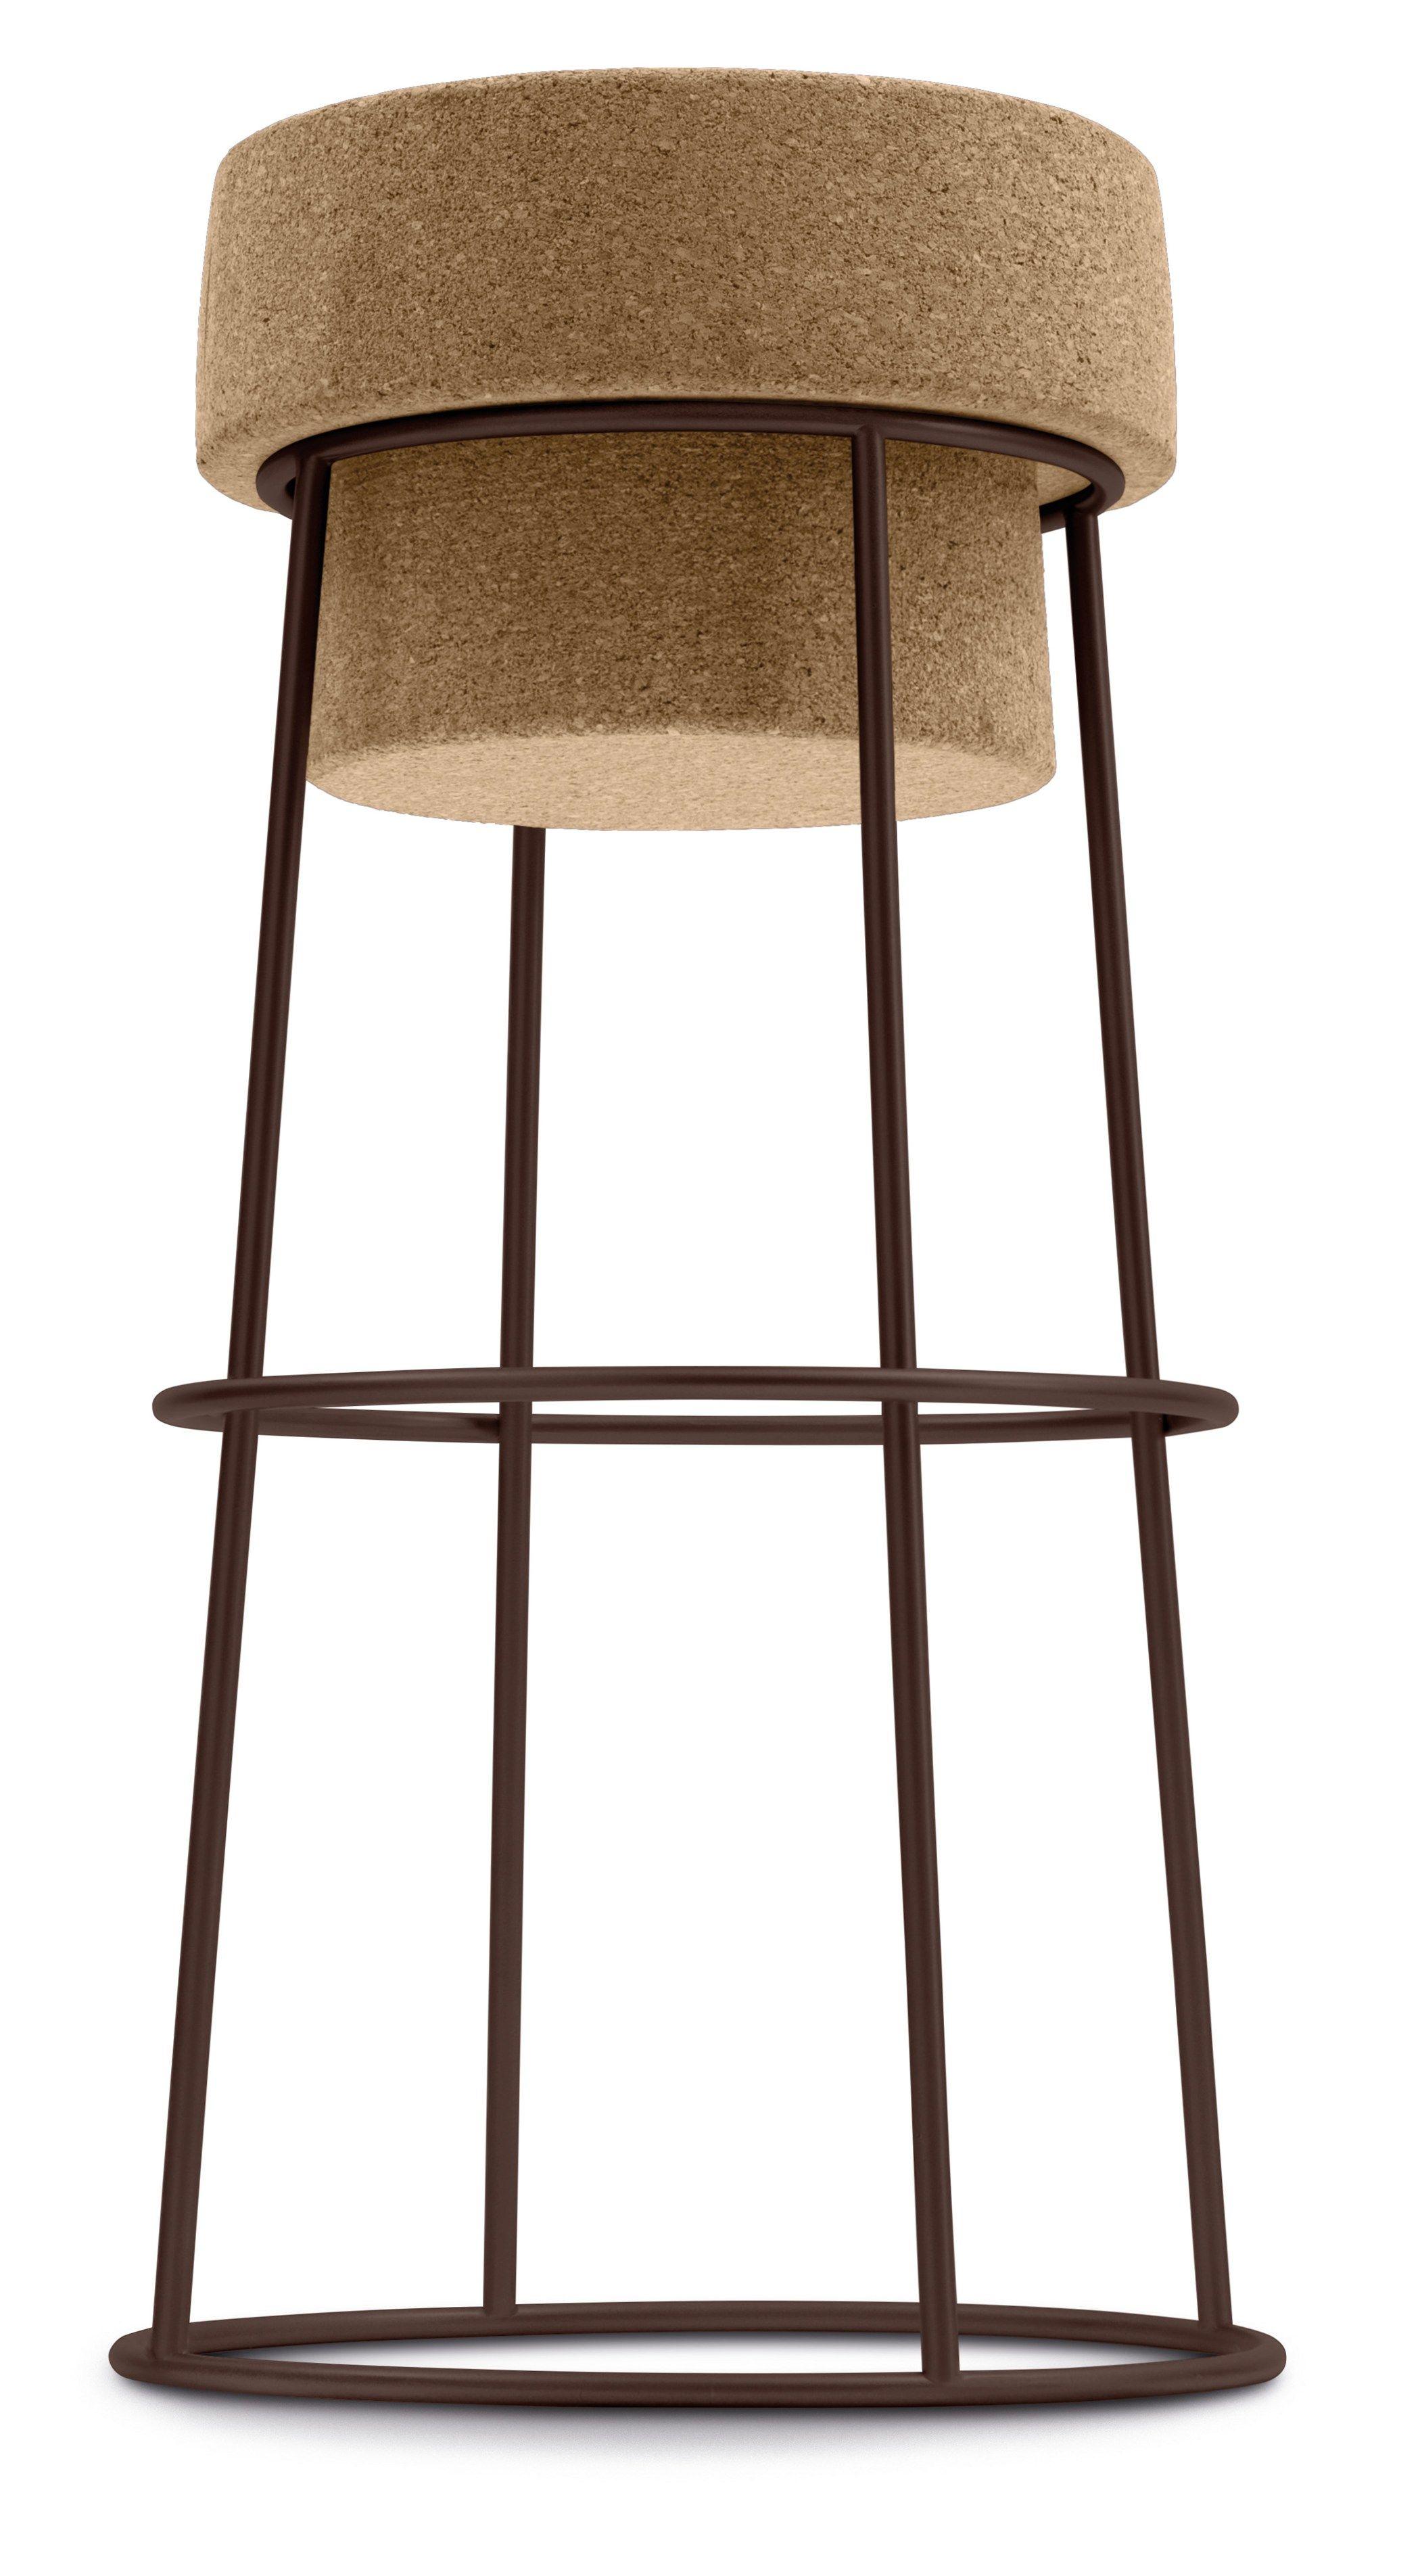 bouchon sga tabouret haut by domitalia design andrea radice folco orlandini design studio. Black Bedroom Furniture Sets. Home Design Ideas